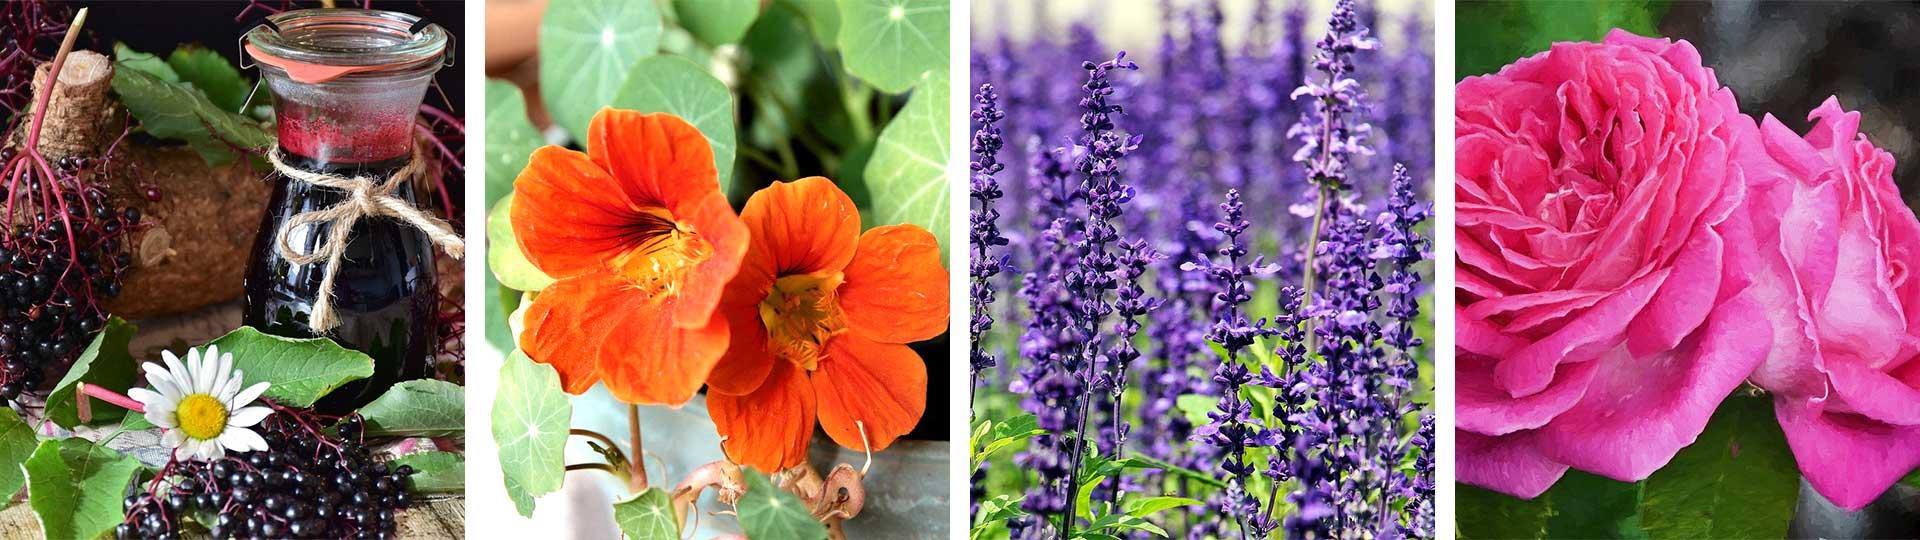 Колаж от 4 снимки на цветя, които стават за ядене: бъз, латинка, лавандула и маслодайна роза